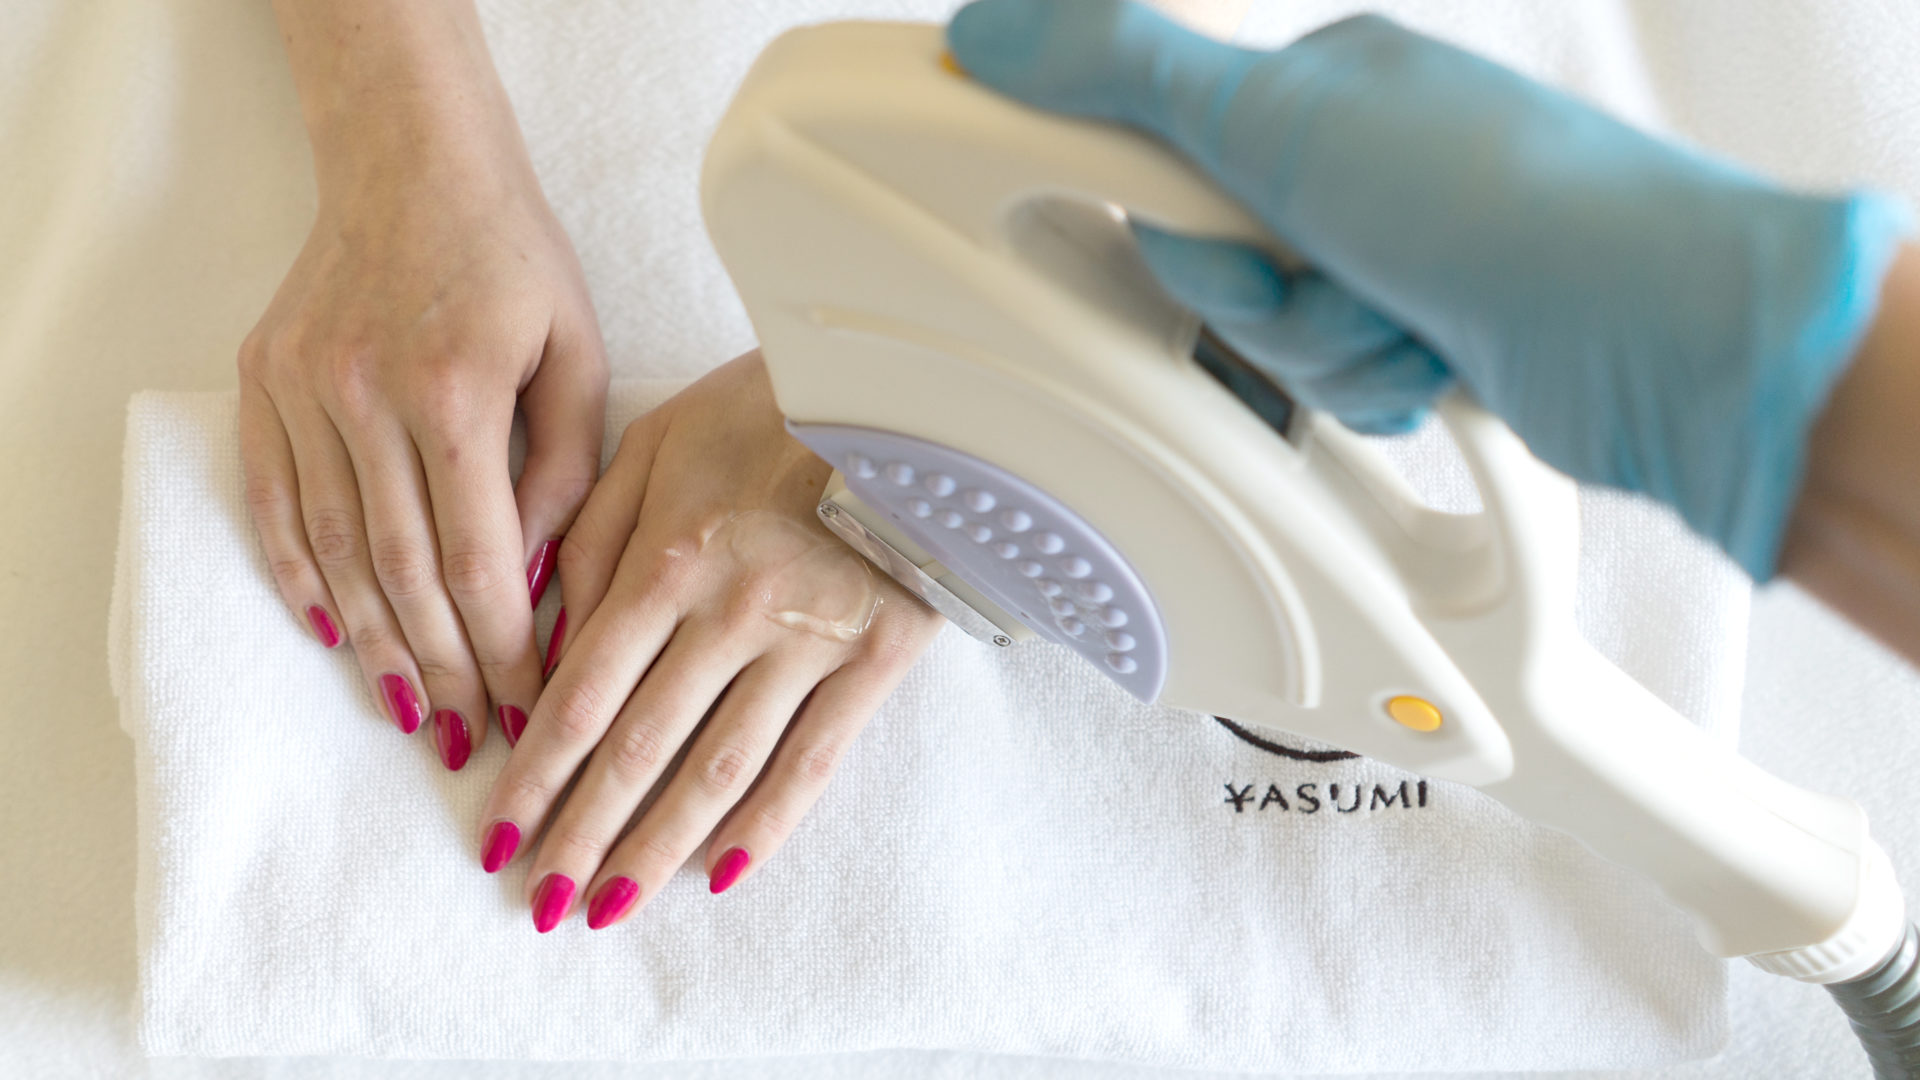 Jak odmłodzić zniszczone dłonie? Przegląd zabiegów